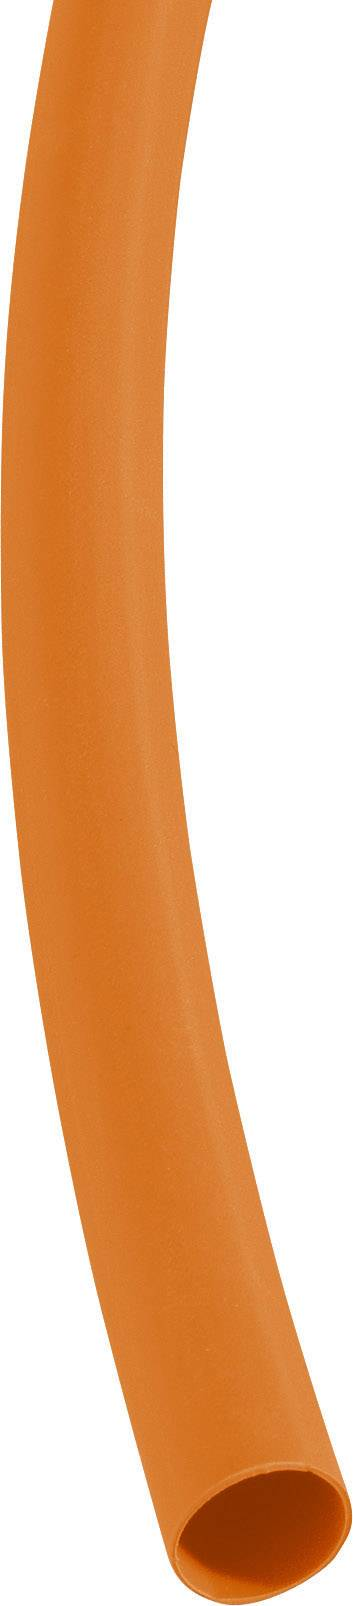 Zmršťovacia bužírka bez lepidla DSG Canusa 3290060203, 3:1, 6.40 mm, oranžová, metrový tovar